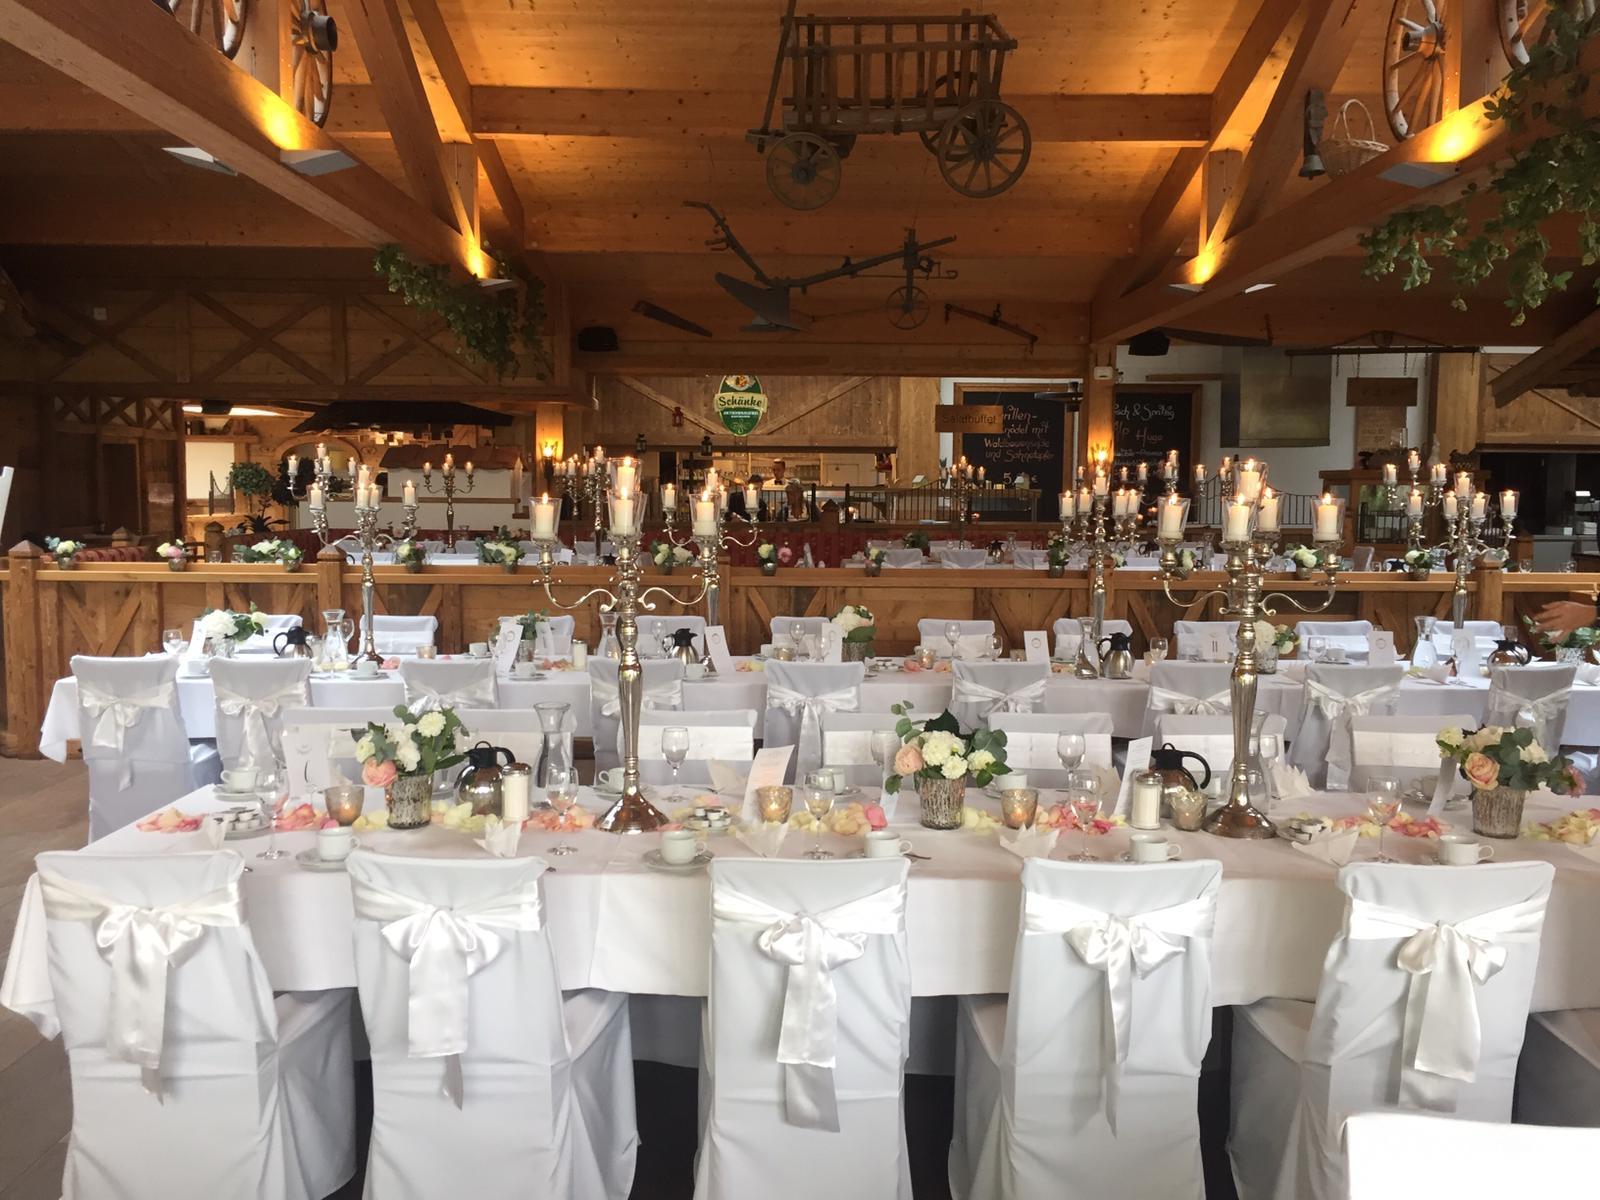 506ad714 D962 468a 8a30 Eb4099614e78 Gasthaus Und Restaurant In Buchloe Zentral Gelegen An A96 B12 B17 Alp Villa